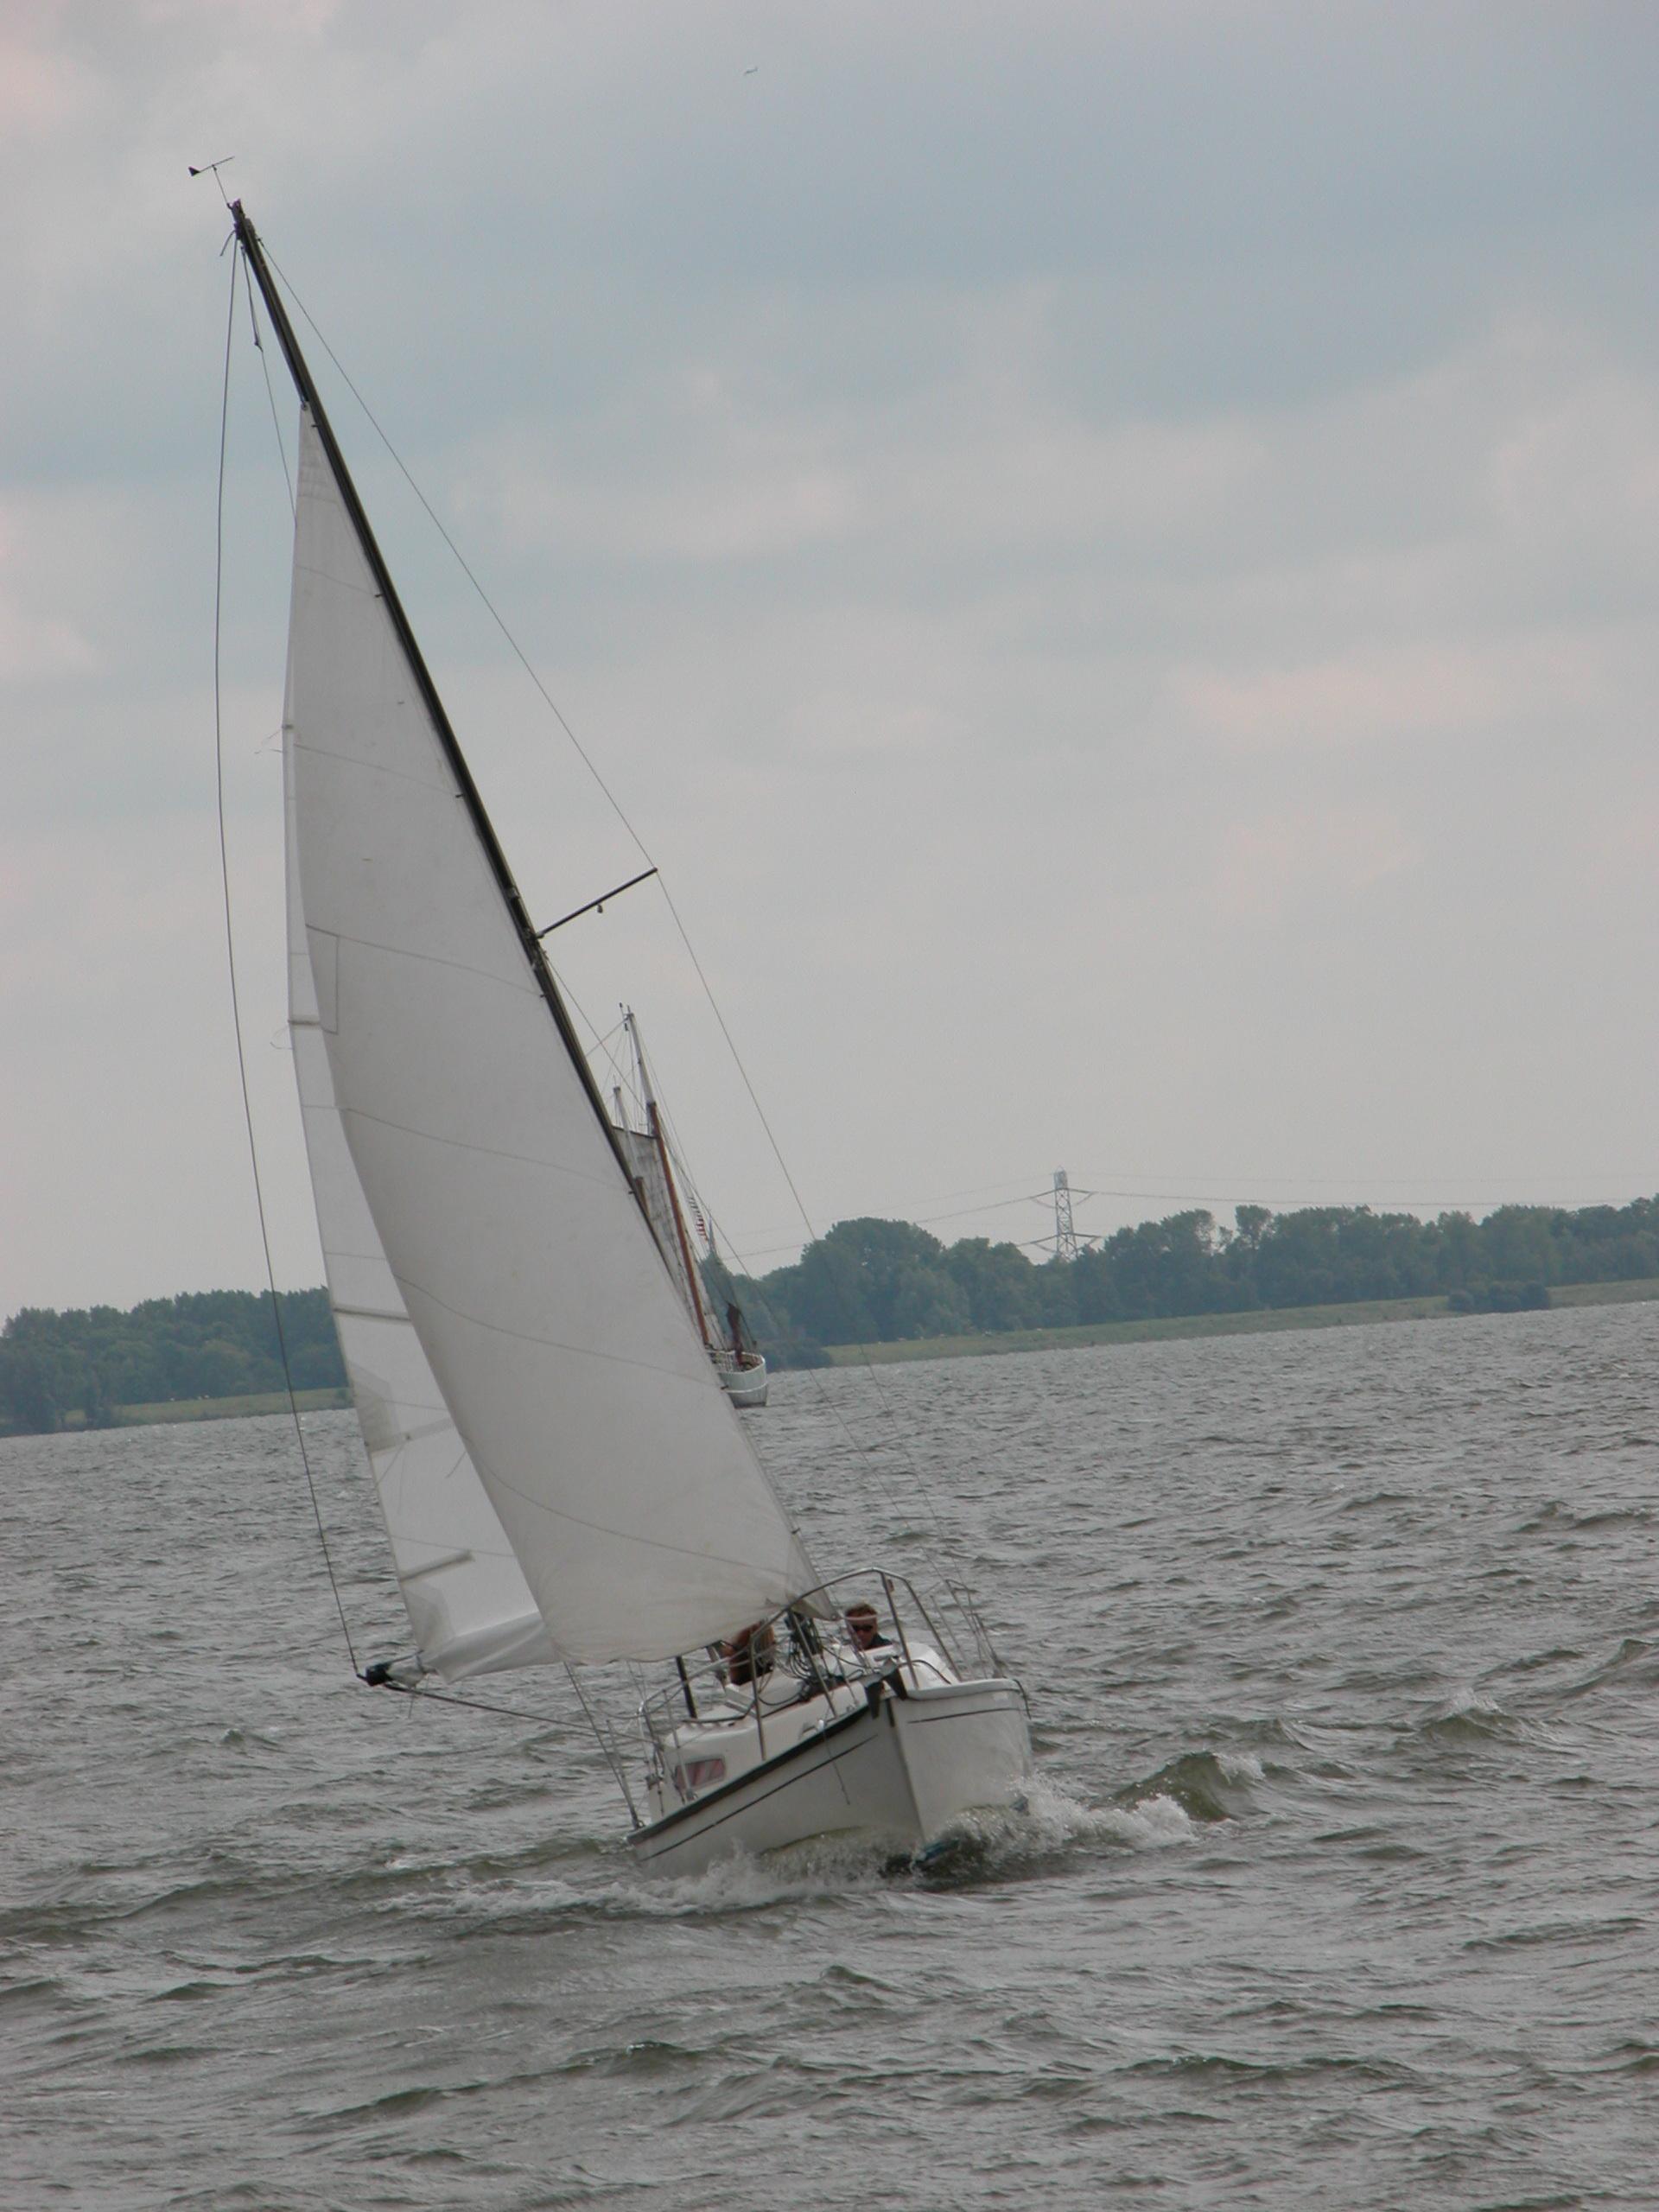 vehicles water sailboat sailing sail boat water sea